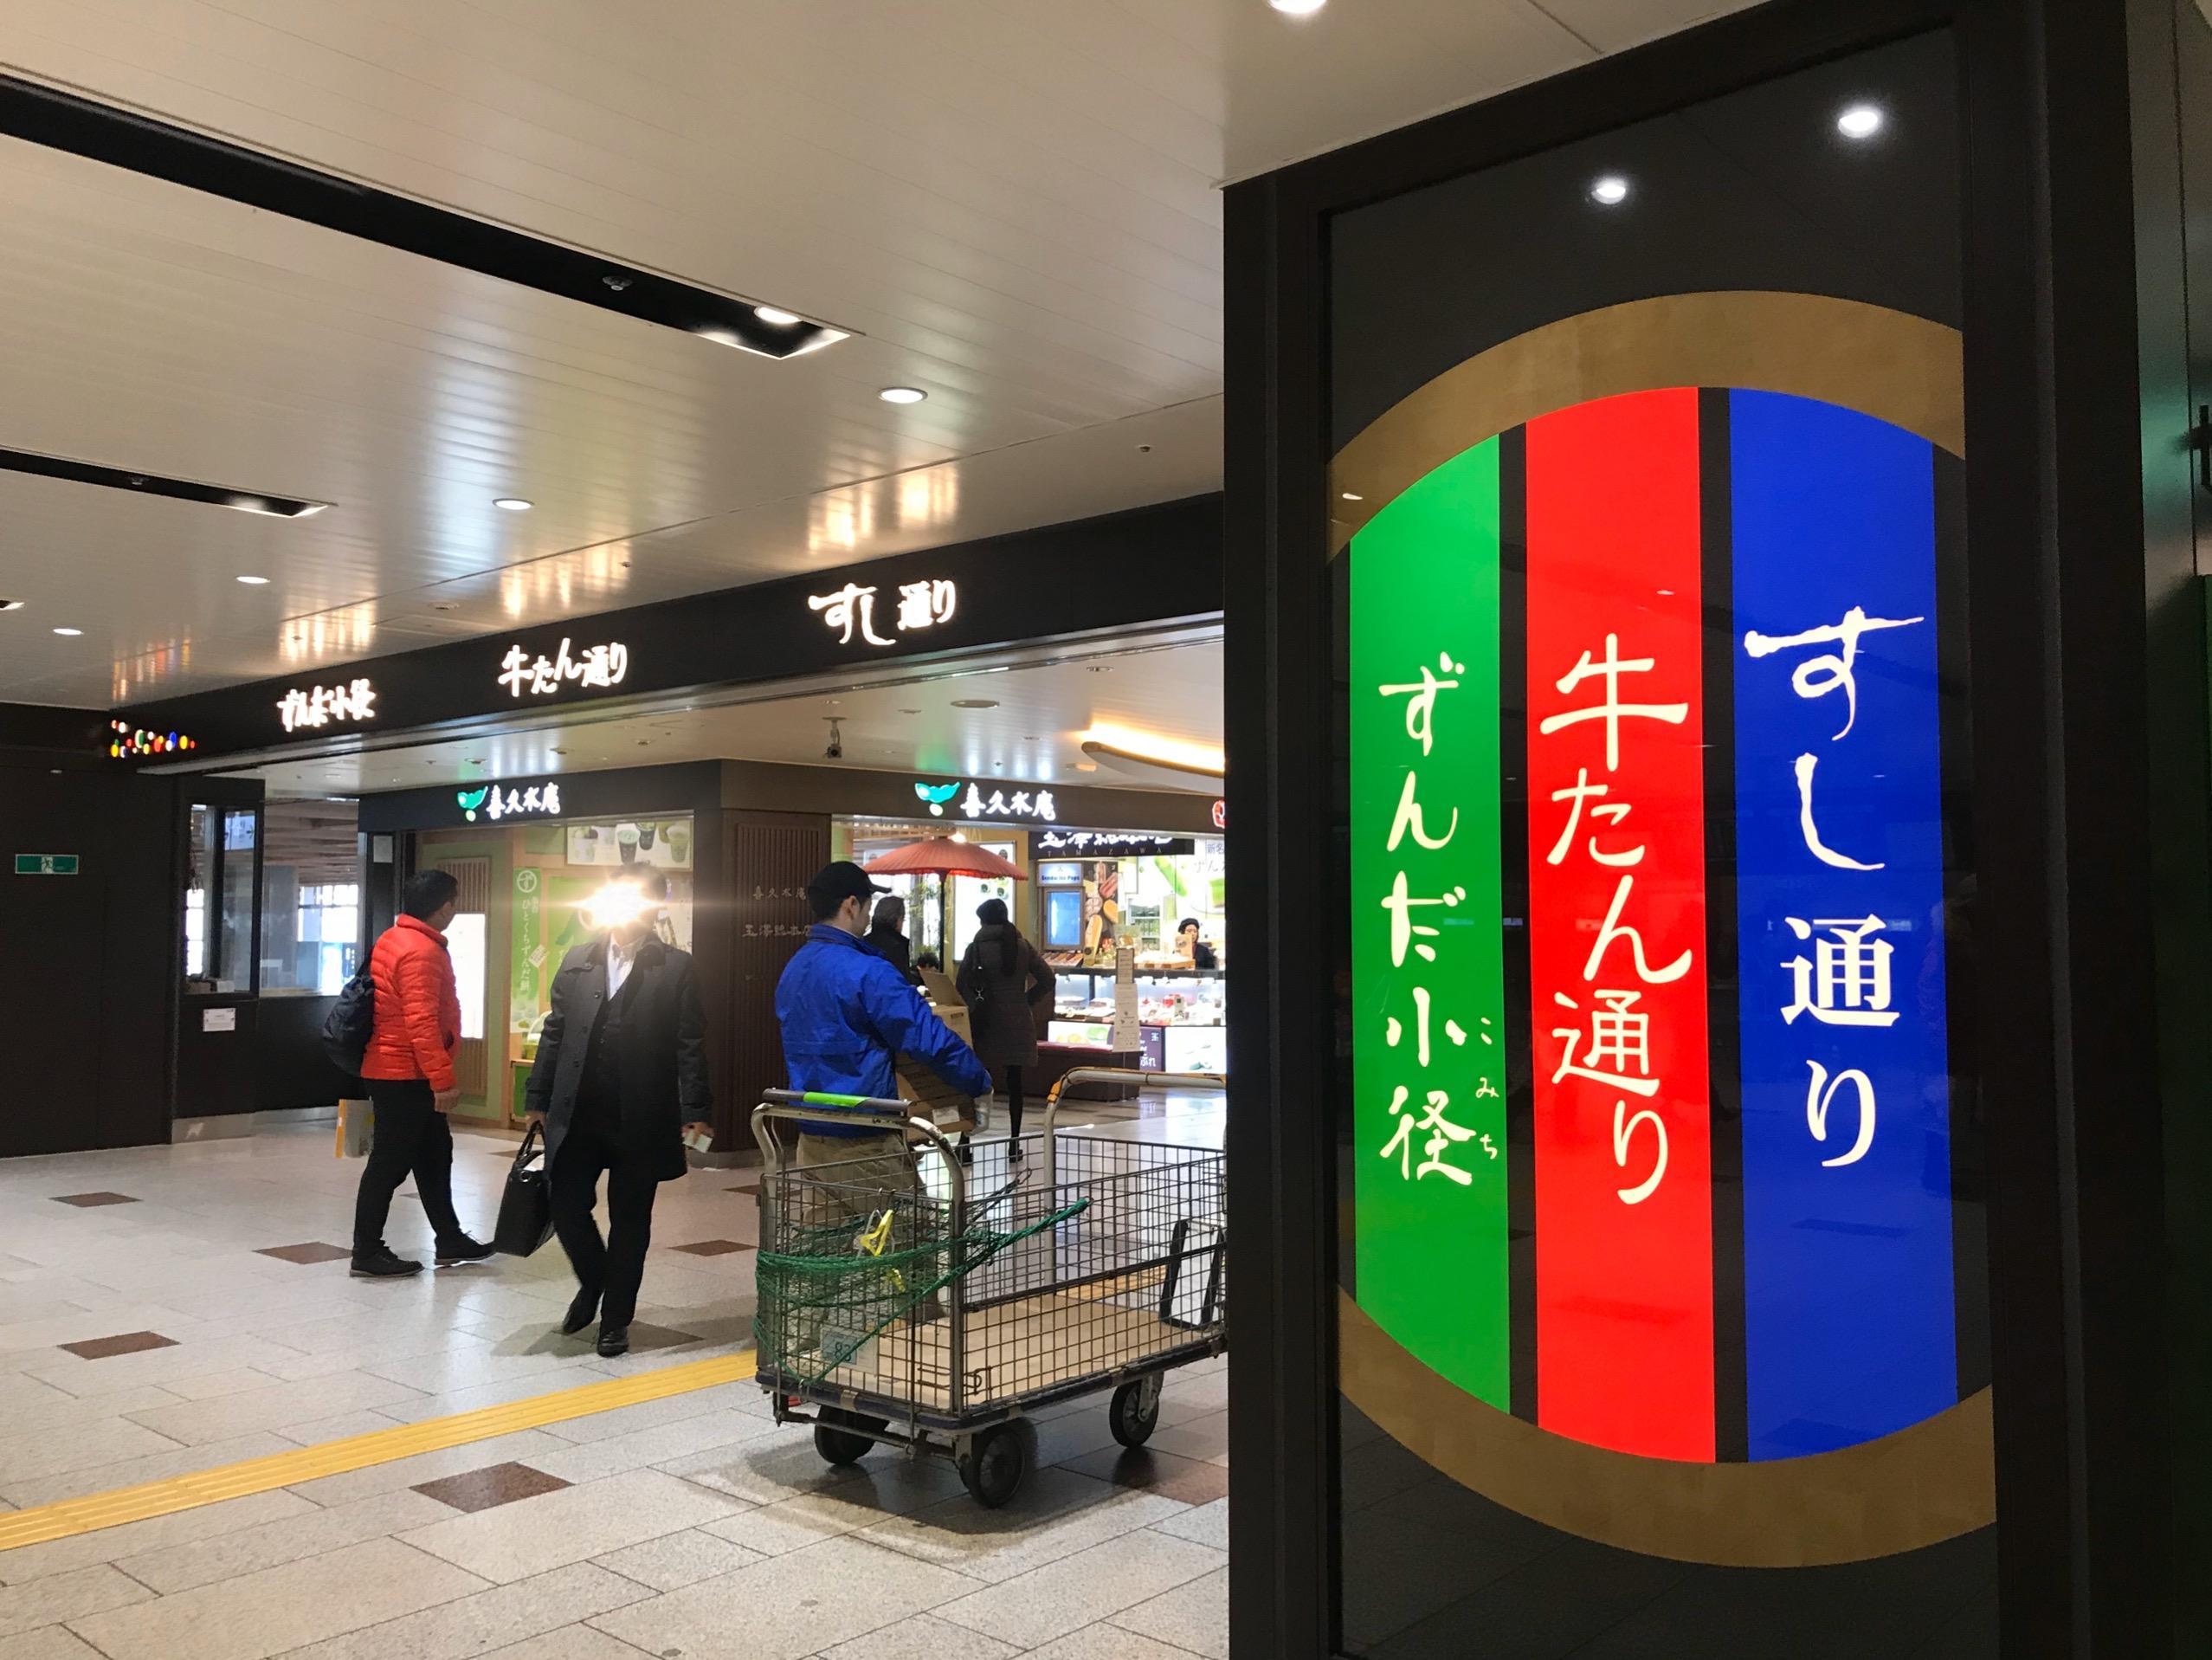 仙台駅 寿司通りおすすめ